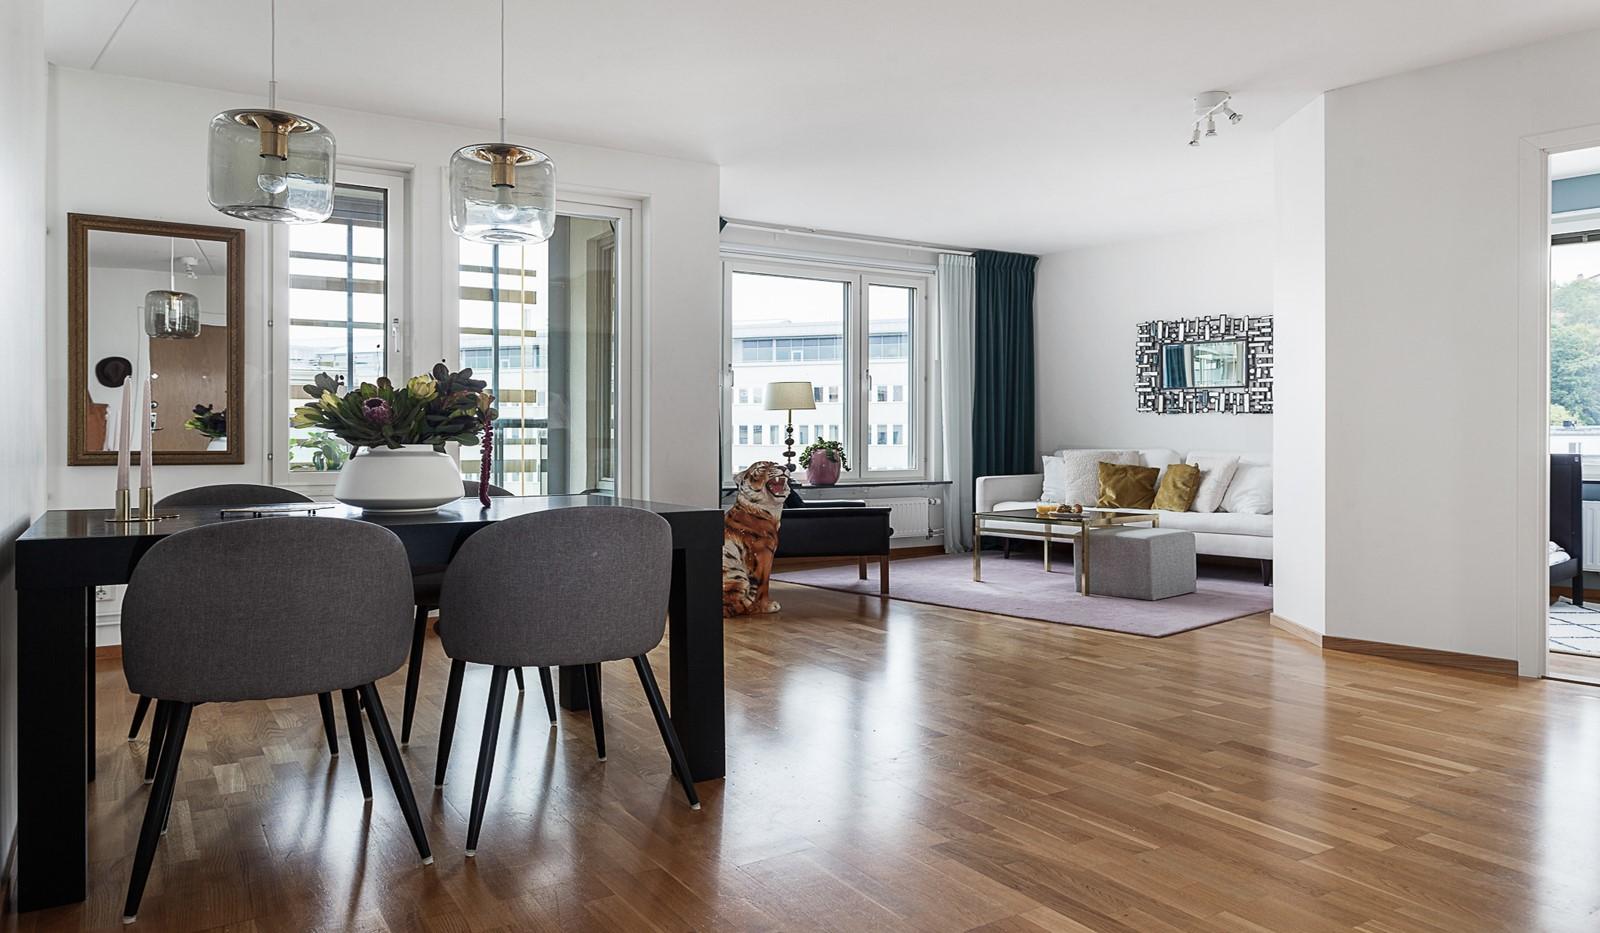 Grönbrinksgatan 10, 5 tr - Öppna och sociala ytor med ljust och luftigt vardagsrum